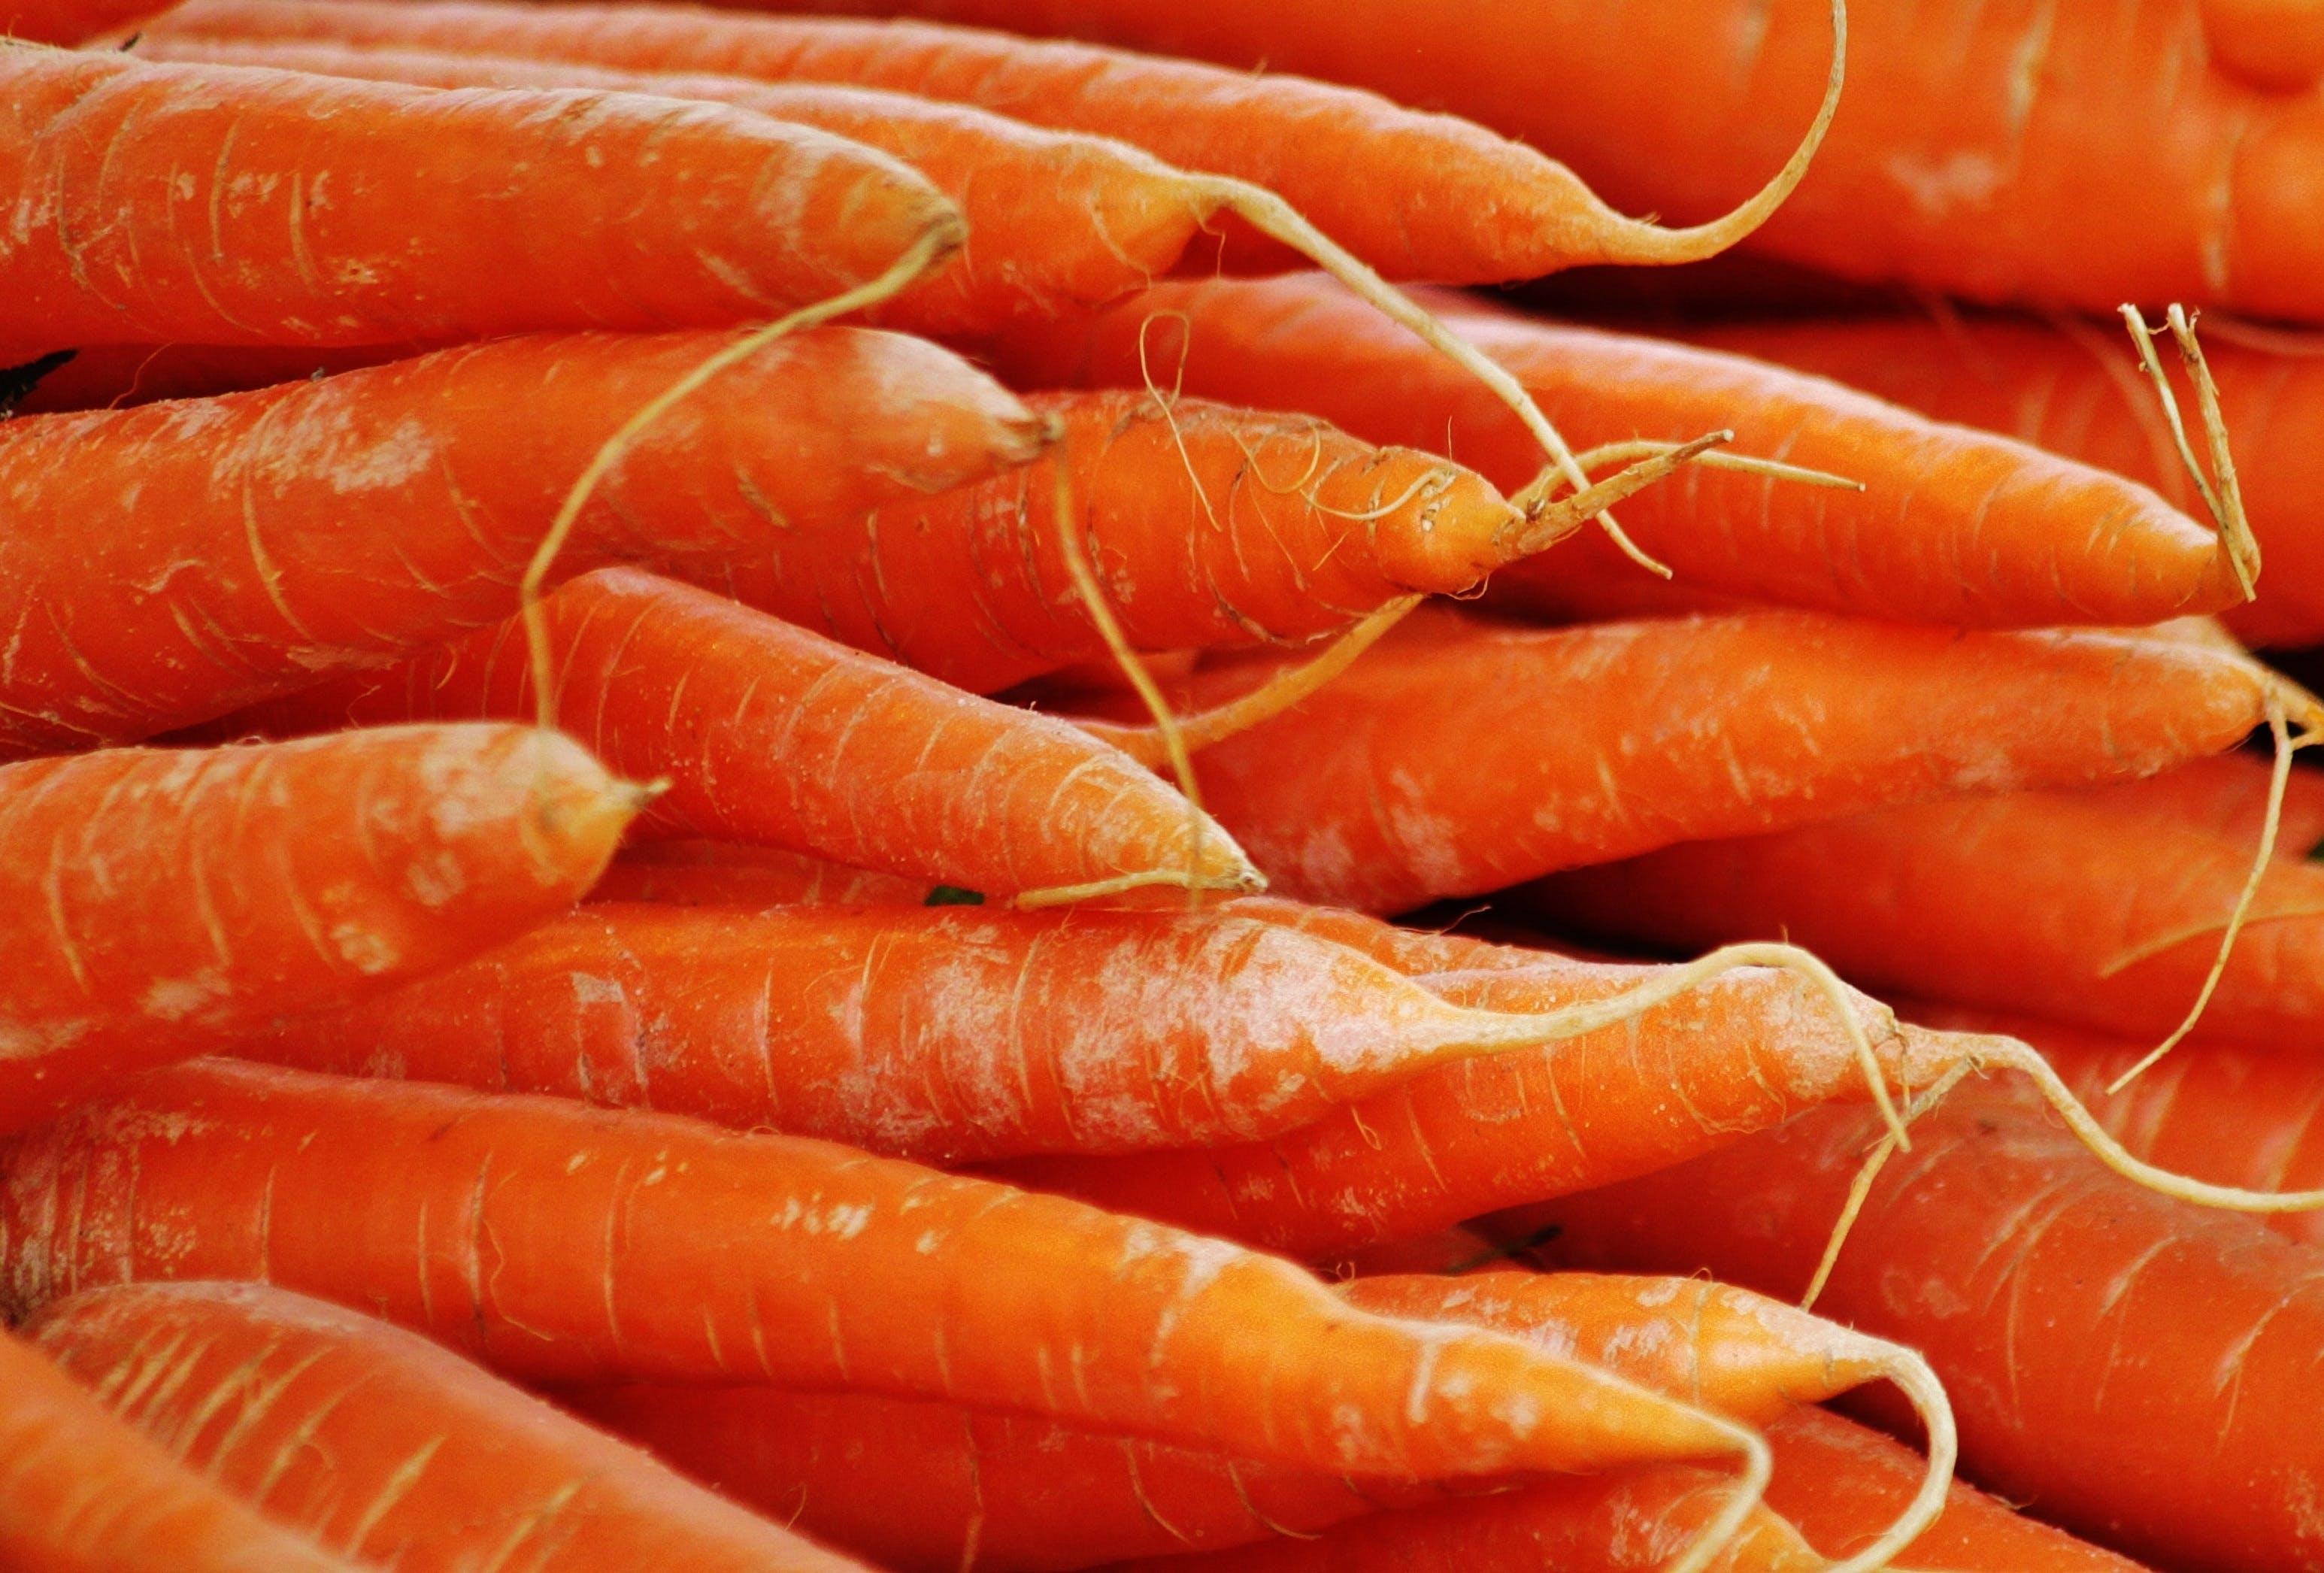 Gratis arkivbilde med appelsin, avlinger, grønnsak, grønnsaker